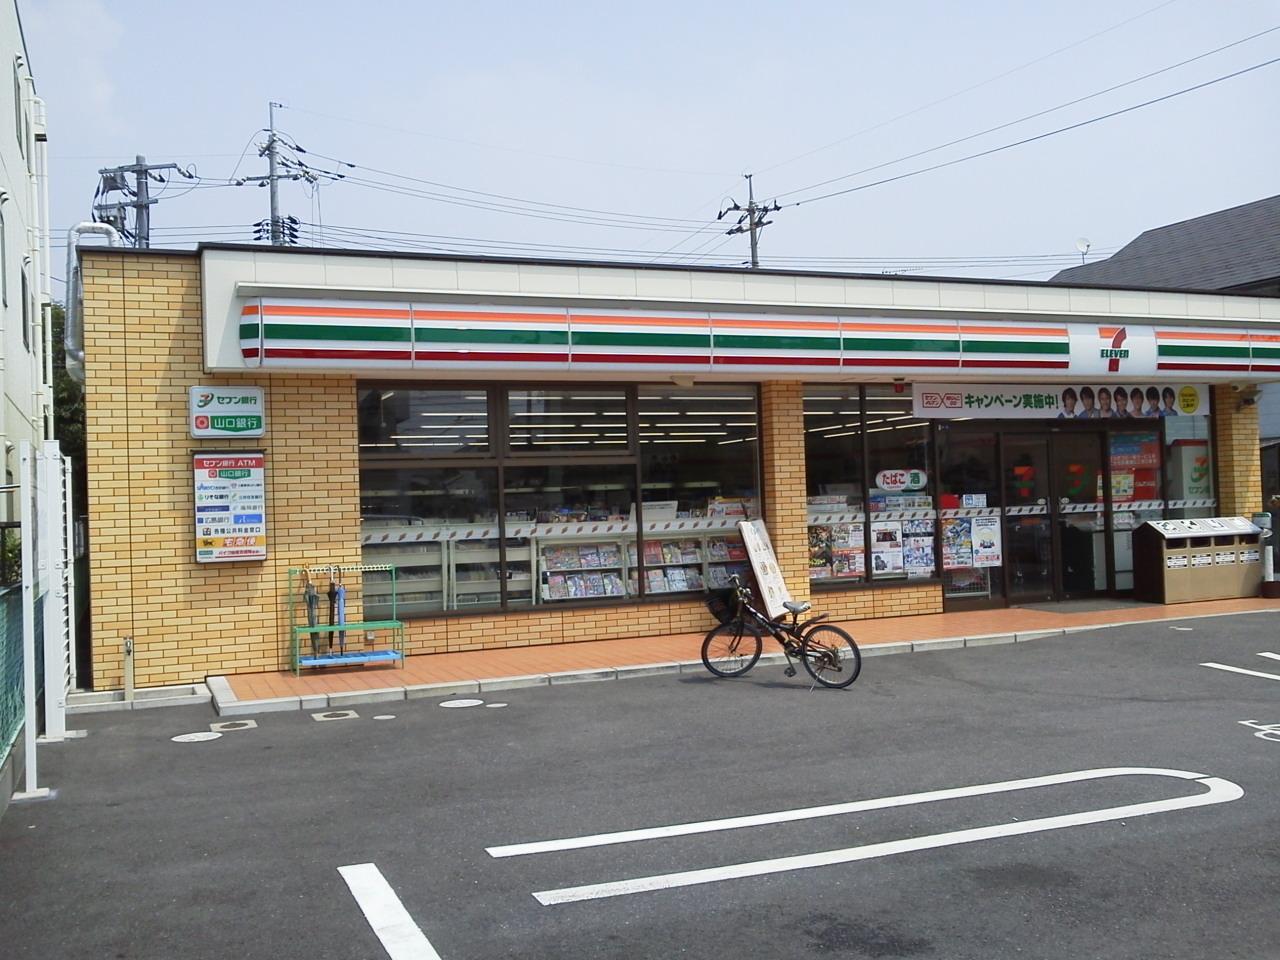 銀行 atm 山口